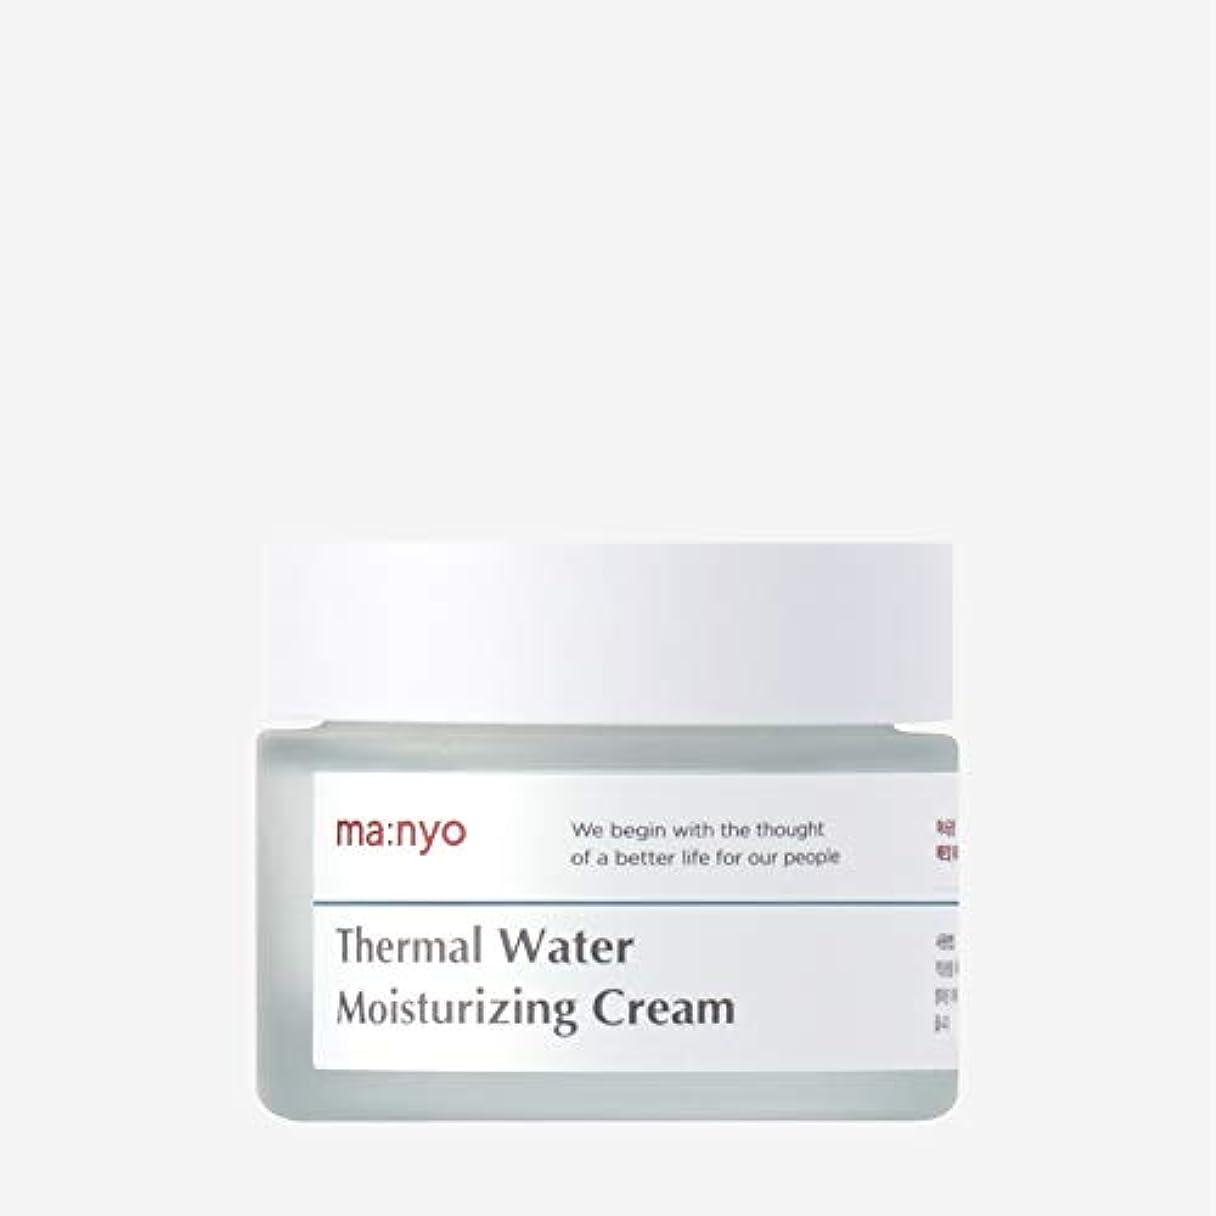 のど紫のいう魔女工場(Manyo Factory) 温泉水ミネラルクリーム 50ml / 天然ミネラル、チェコ温泉水67%で保湿補充